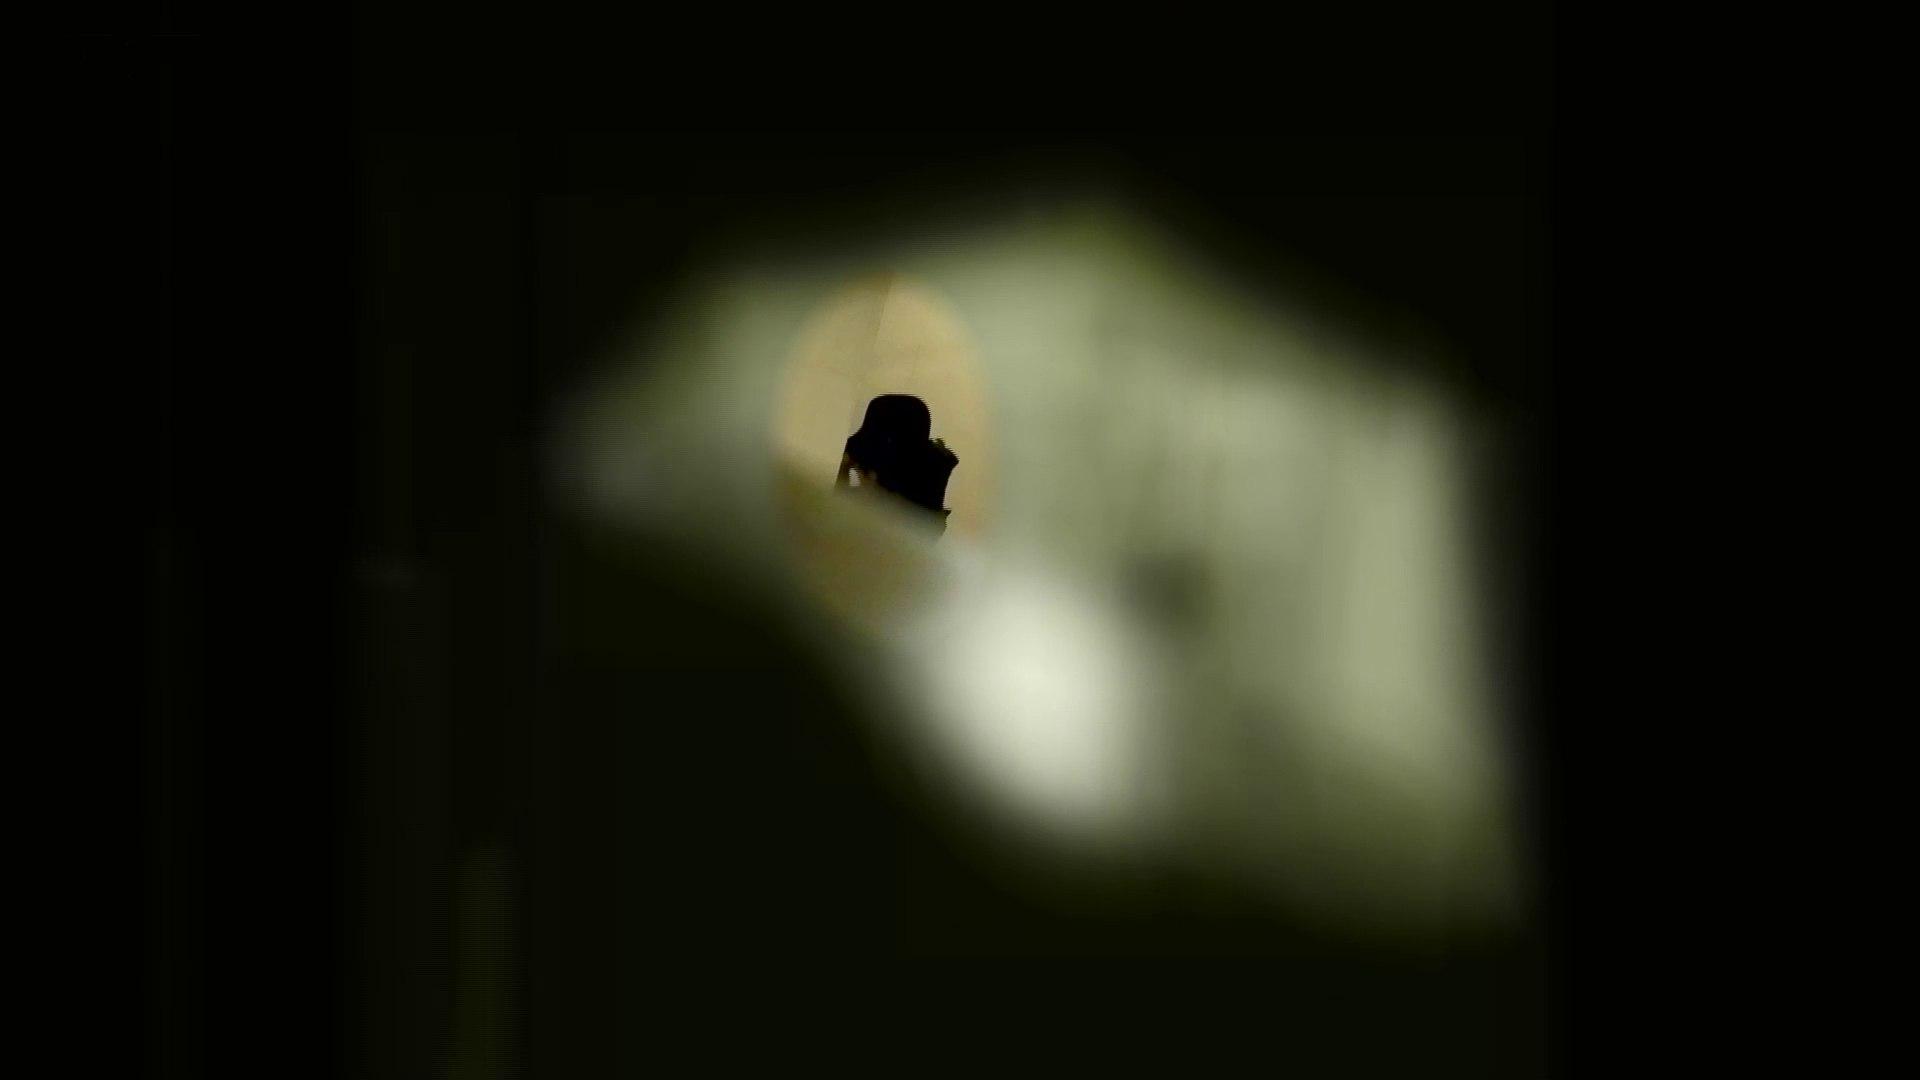 新世界の射窓 No78 トリンドル 玲奈似登場シリーズ美女率最高作! 美女 すけべAV動画紹介 112枚 23